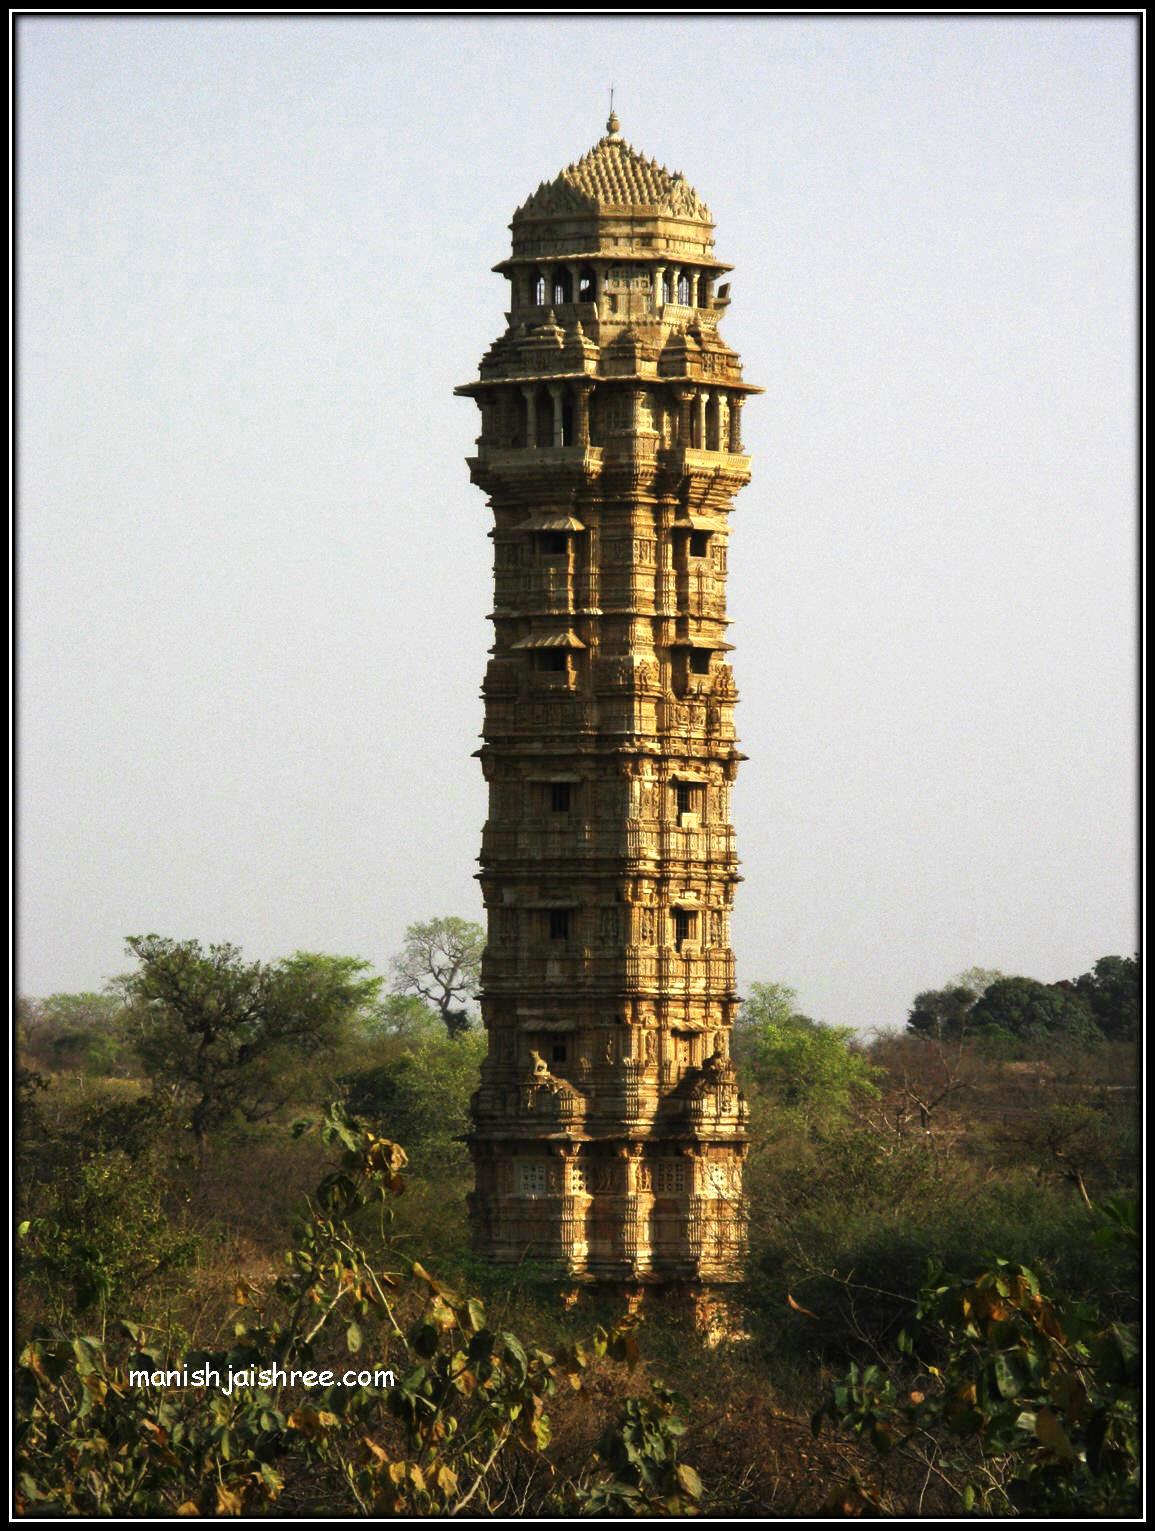 Legendary Queens of Chittaurgarh – II